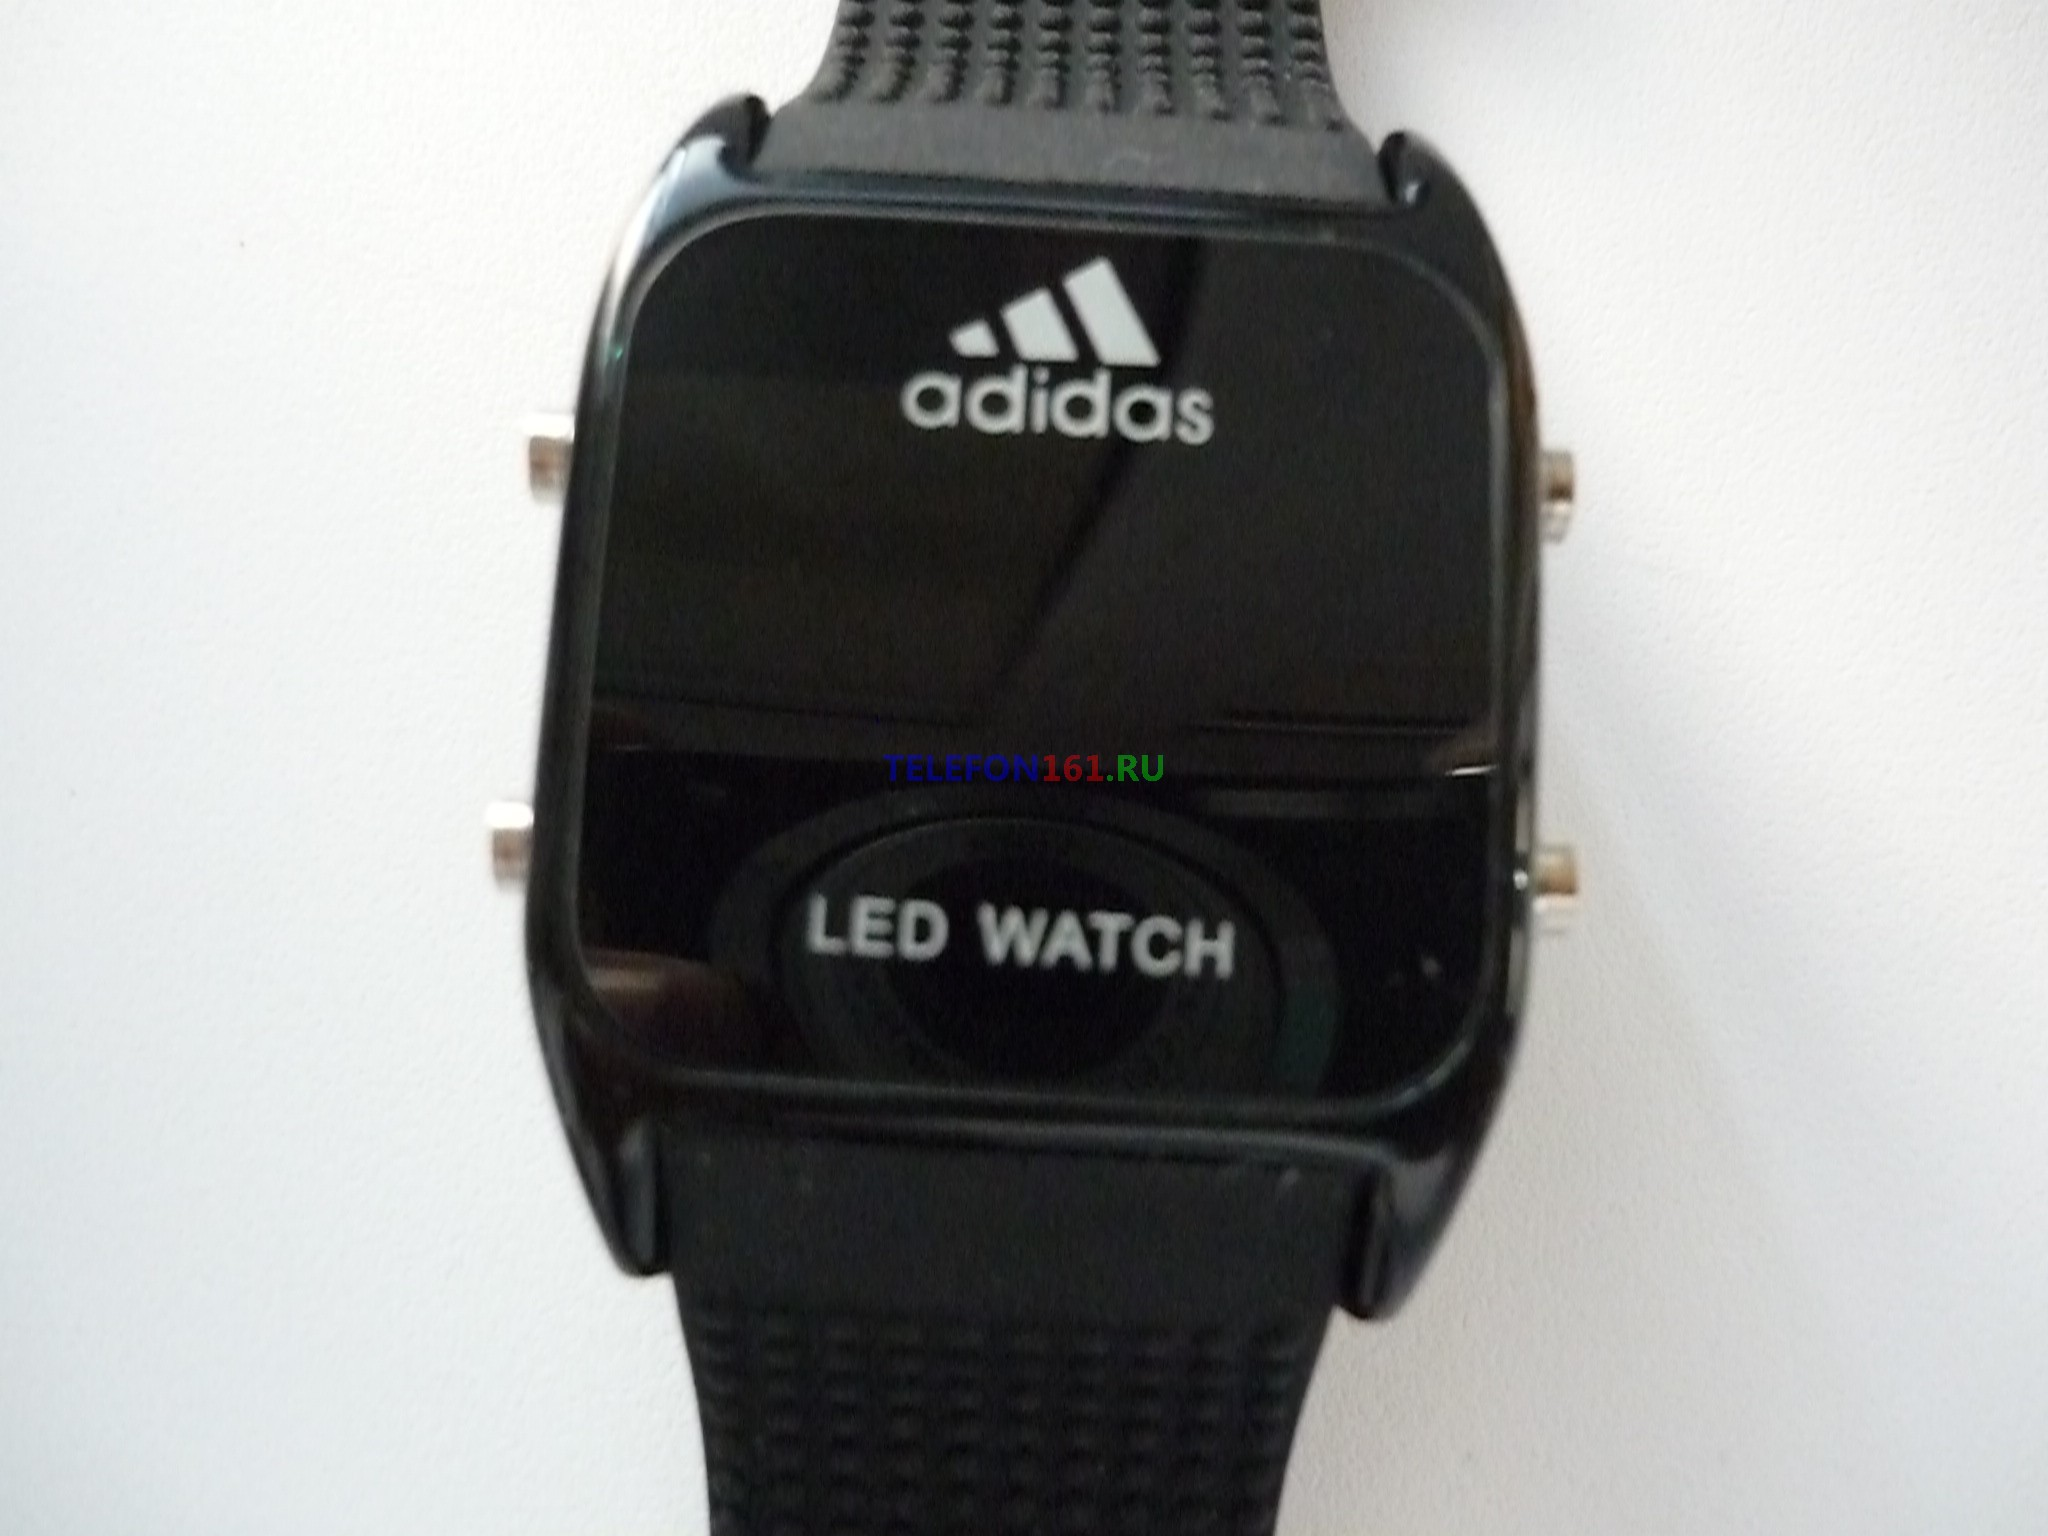 часы Adidas LED Часы светодиодные с подсветкой (черные+точечный браслет)